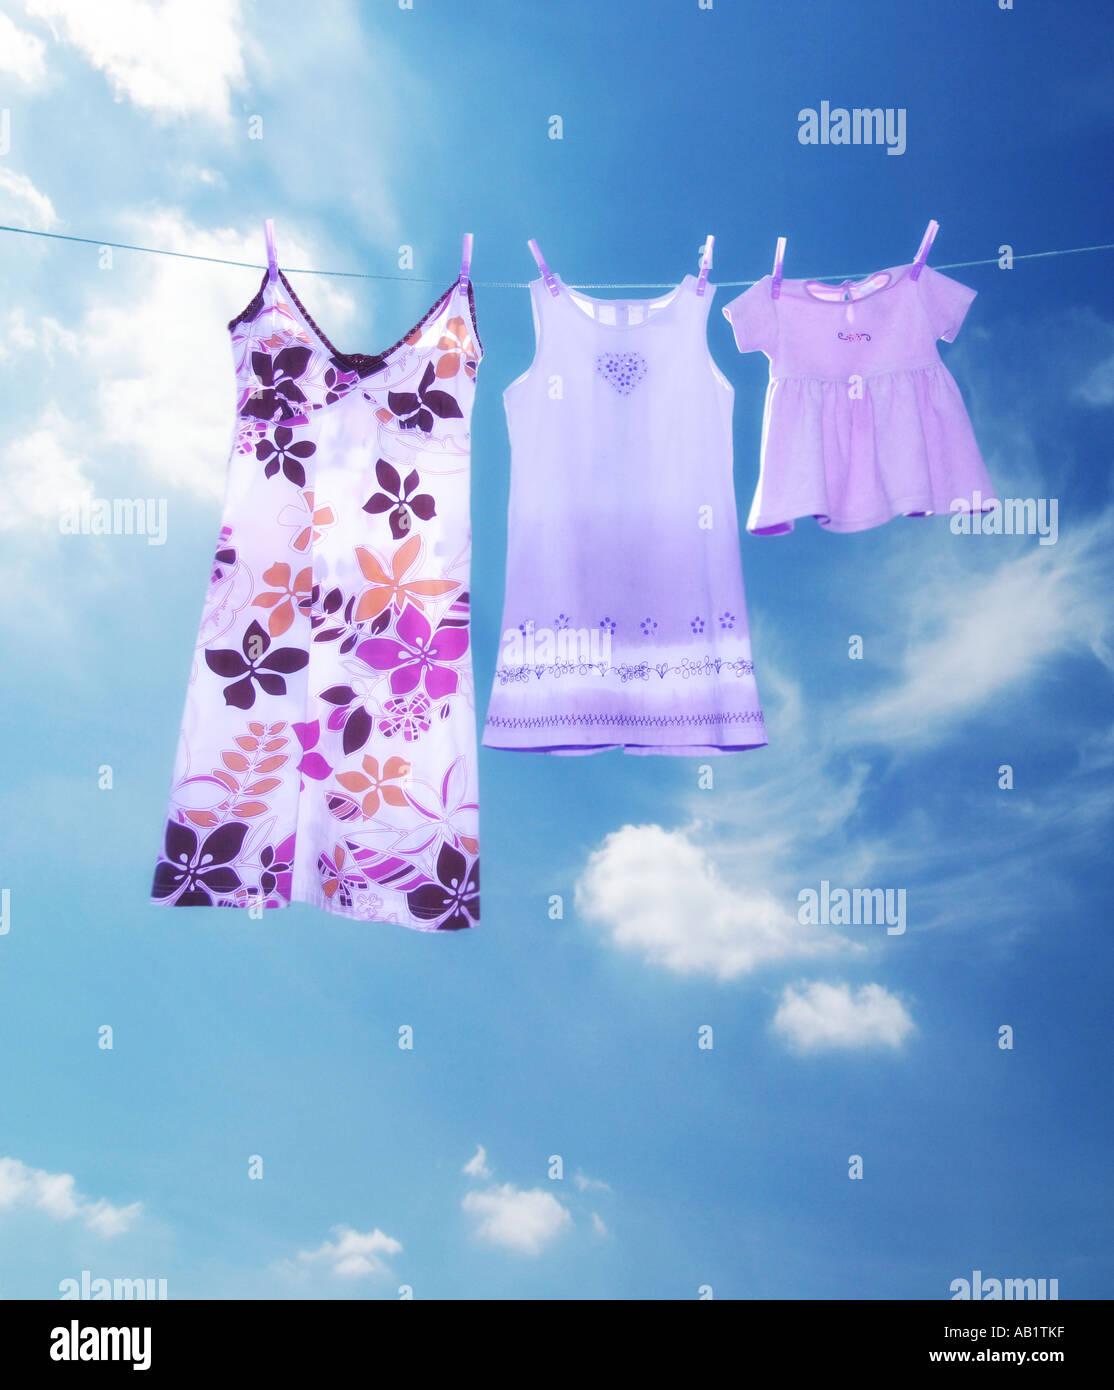 drei Kleider auf einer Wäscheleine Stockbild